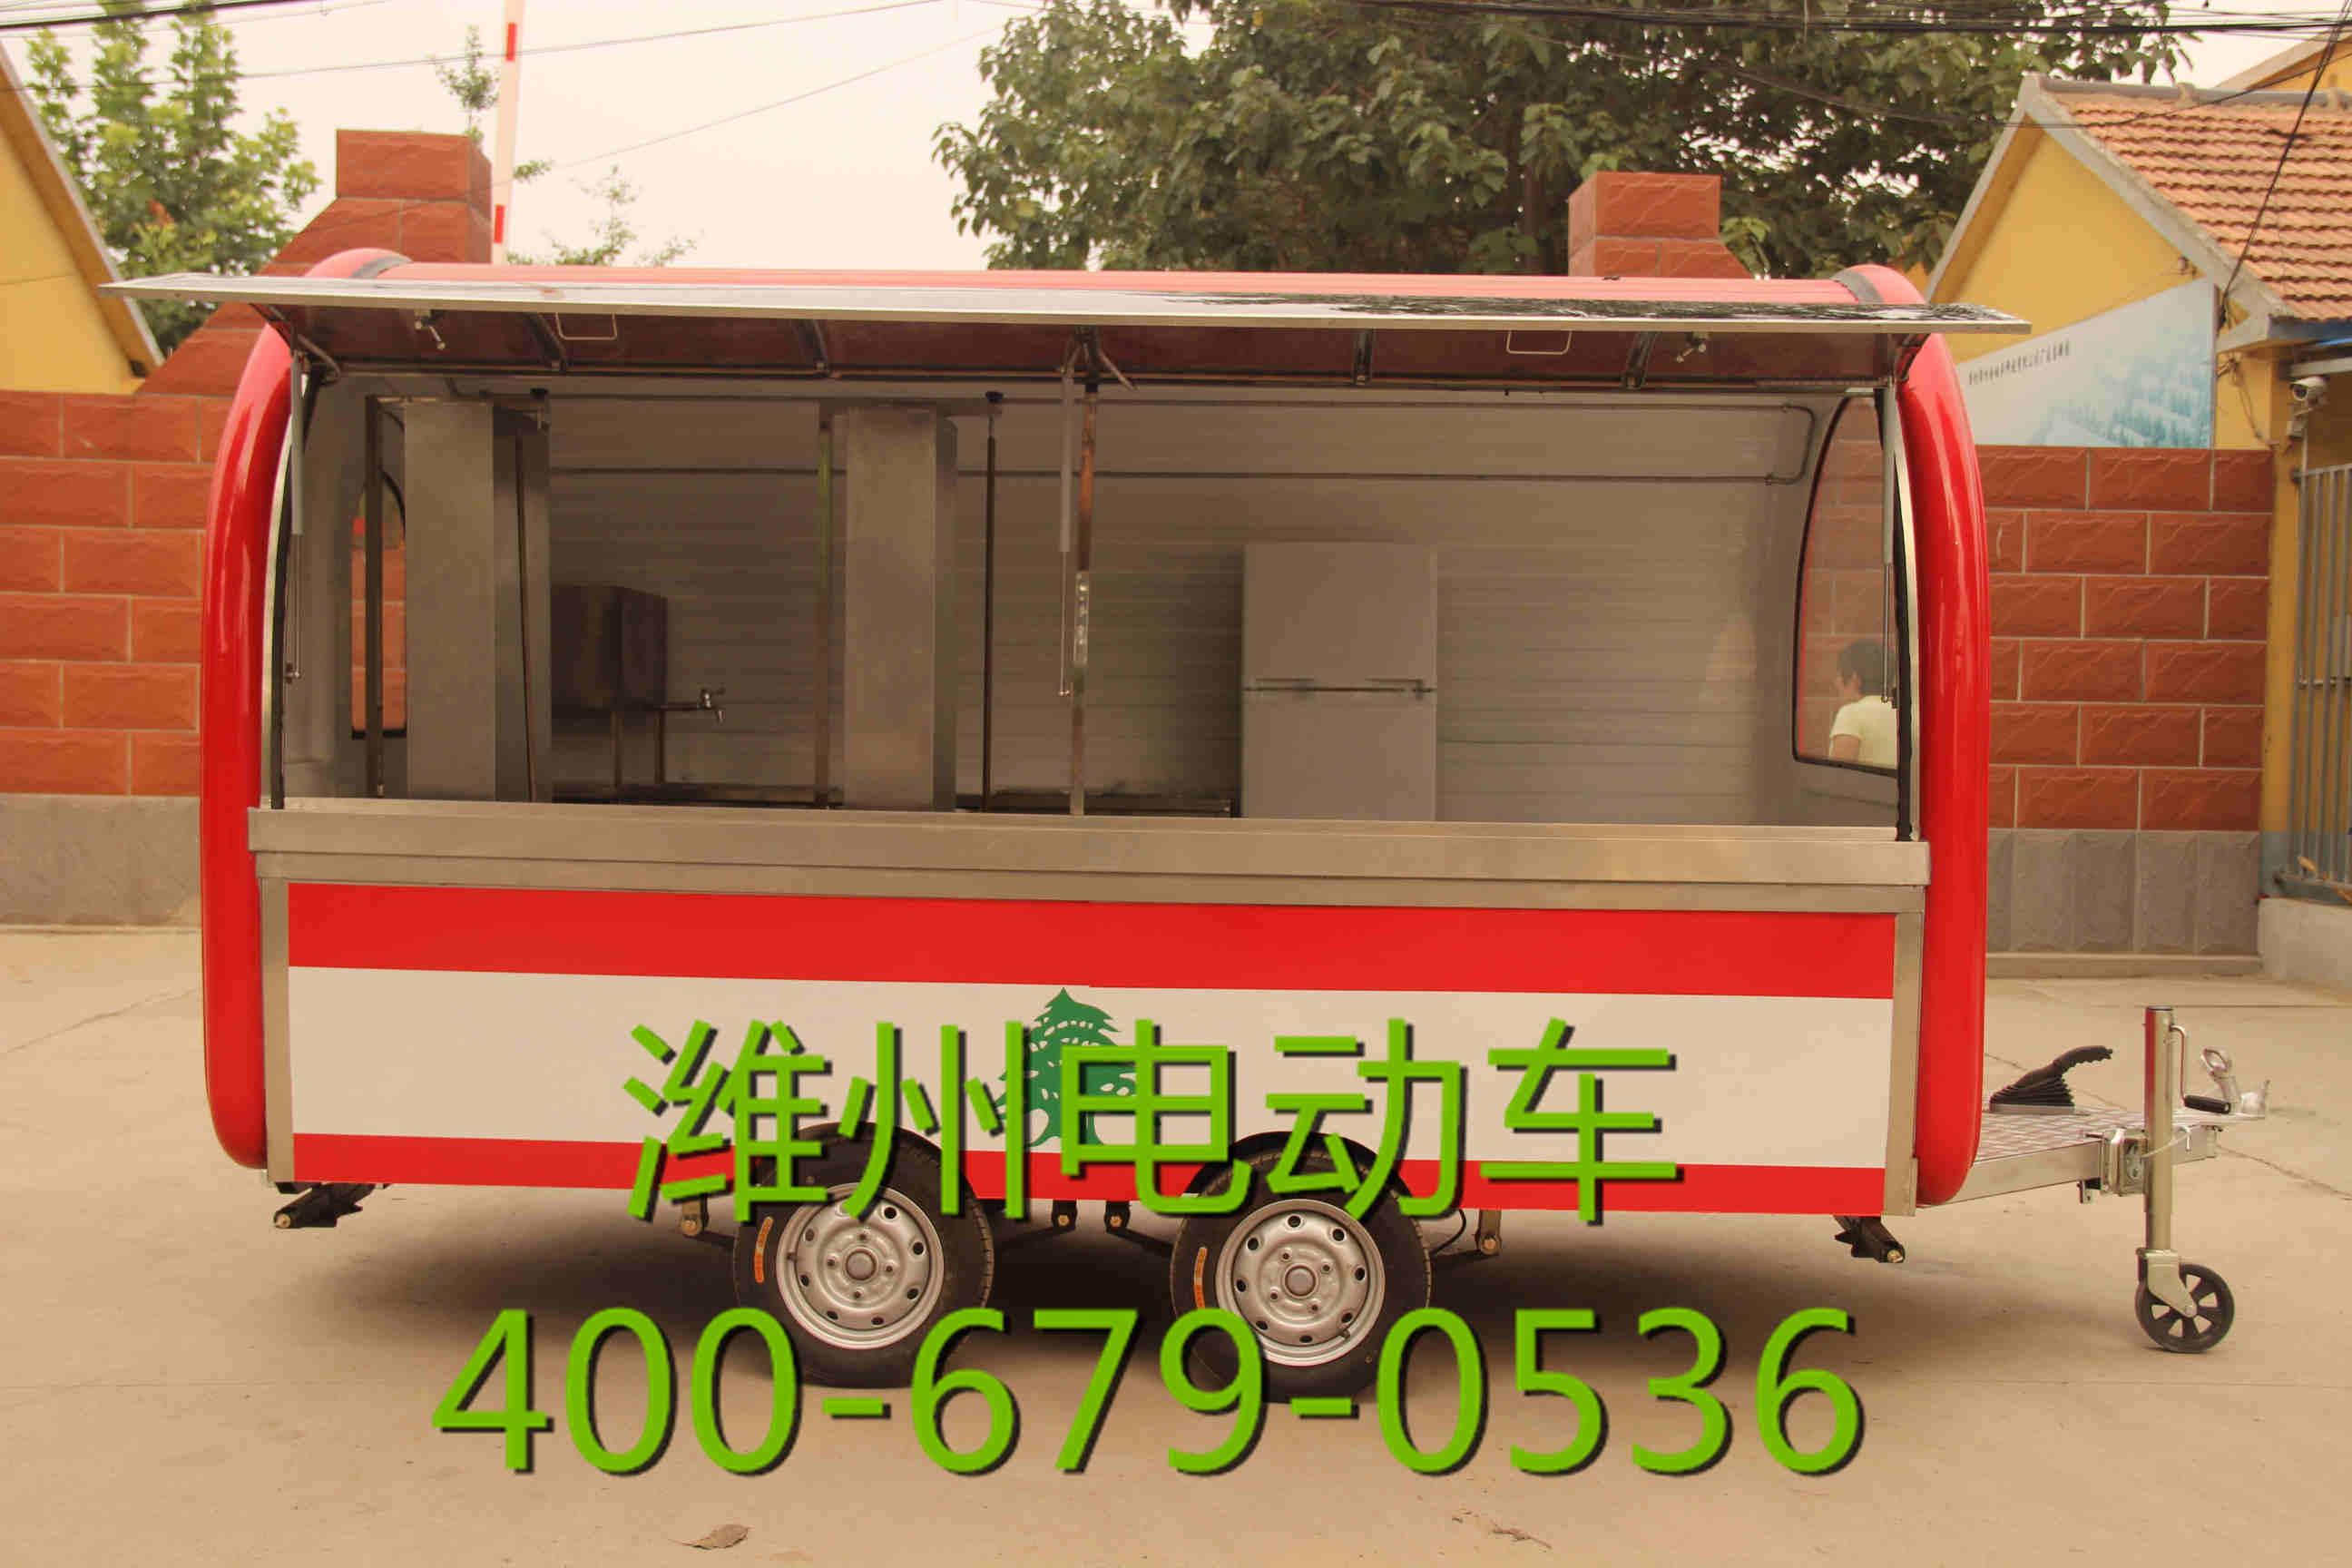 【图片】早餐车的检查工作需重视 早餐车有哪些特别的优点